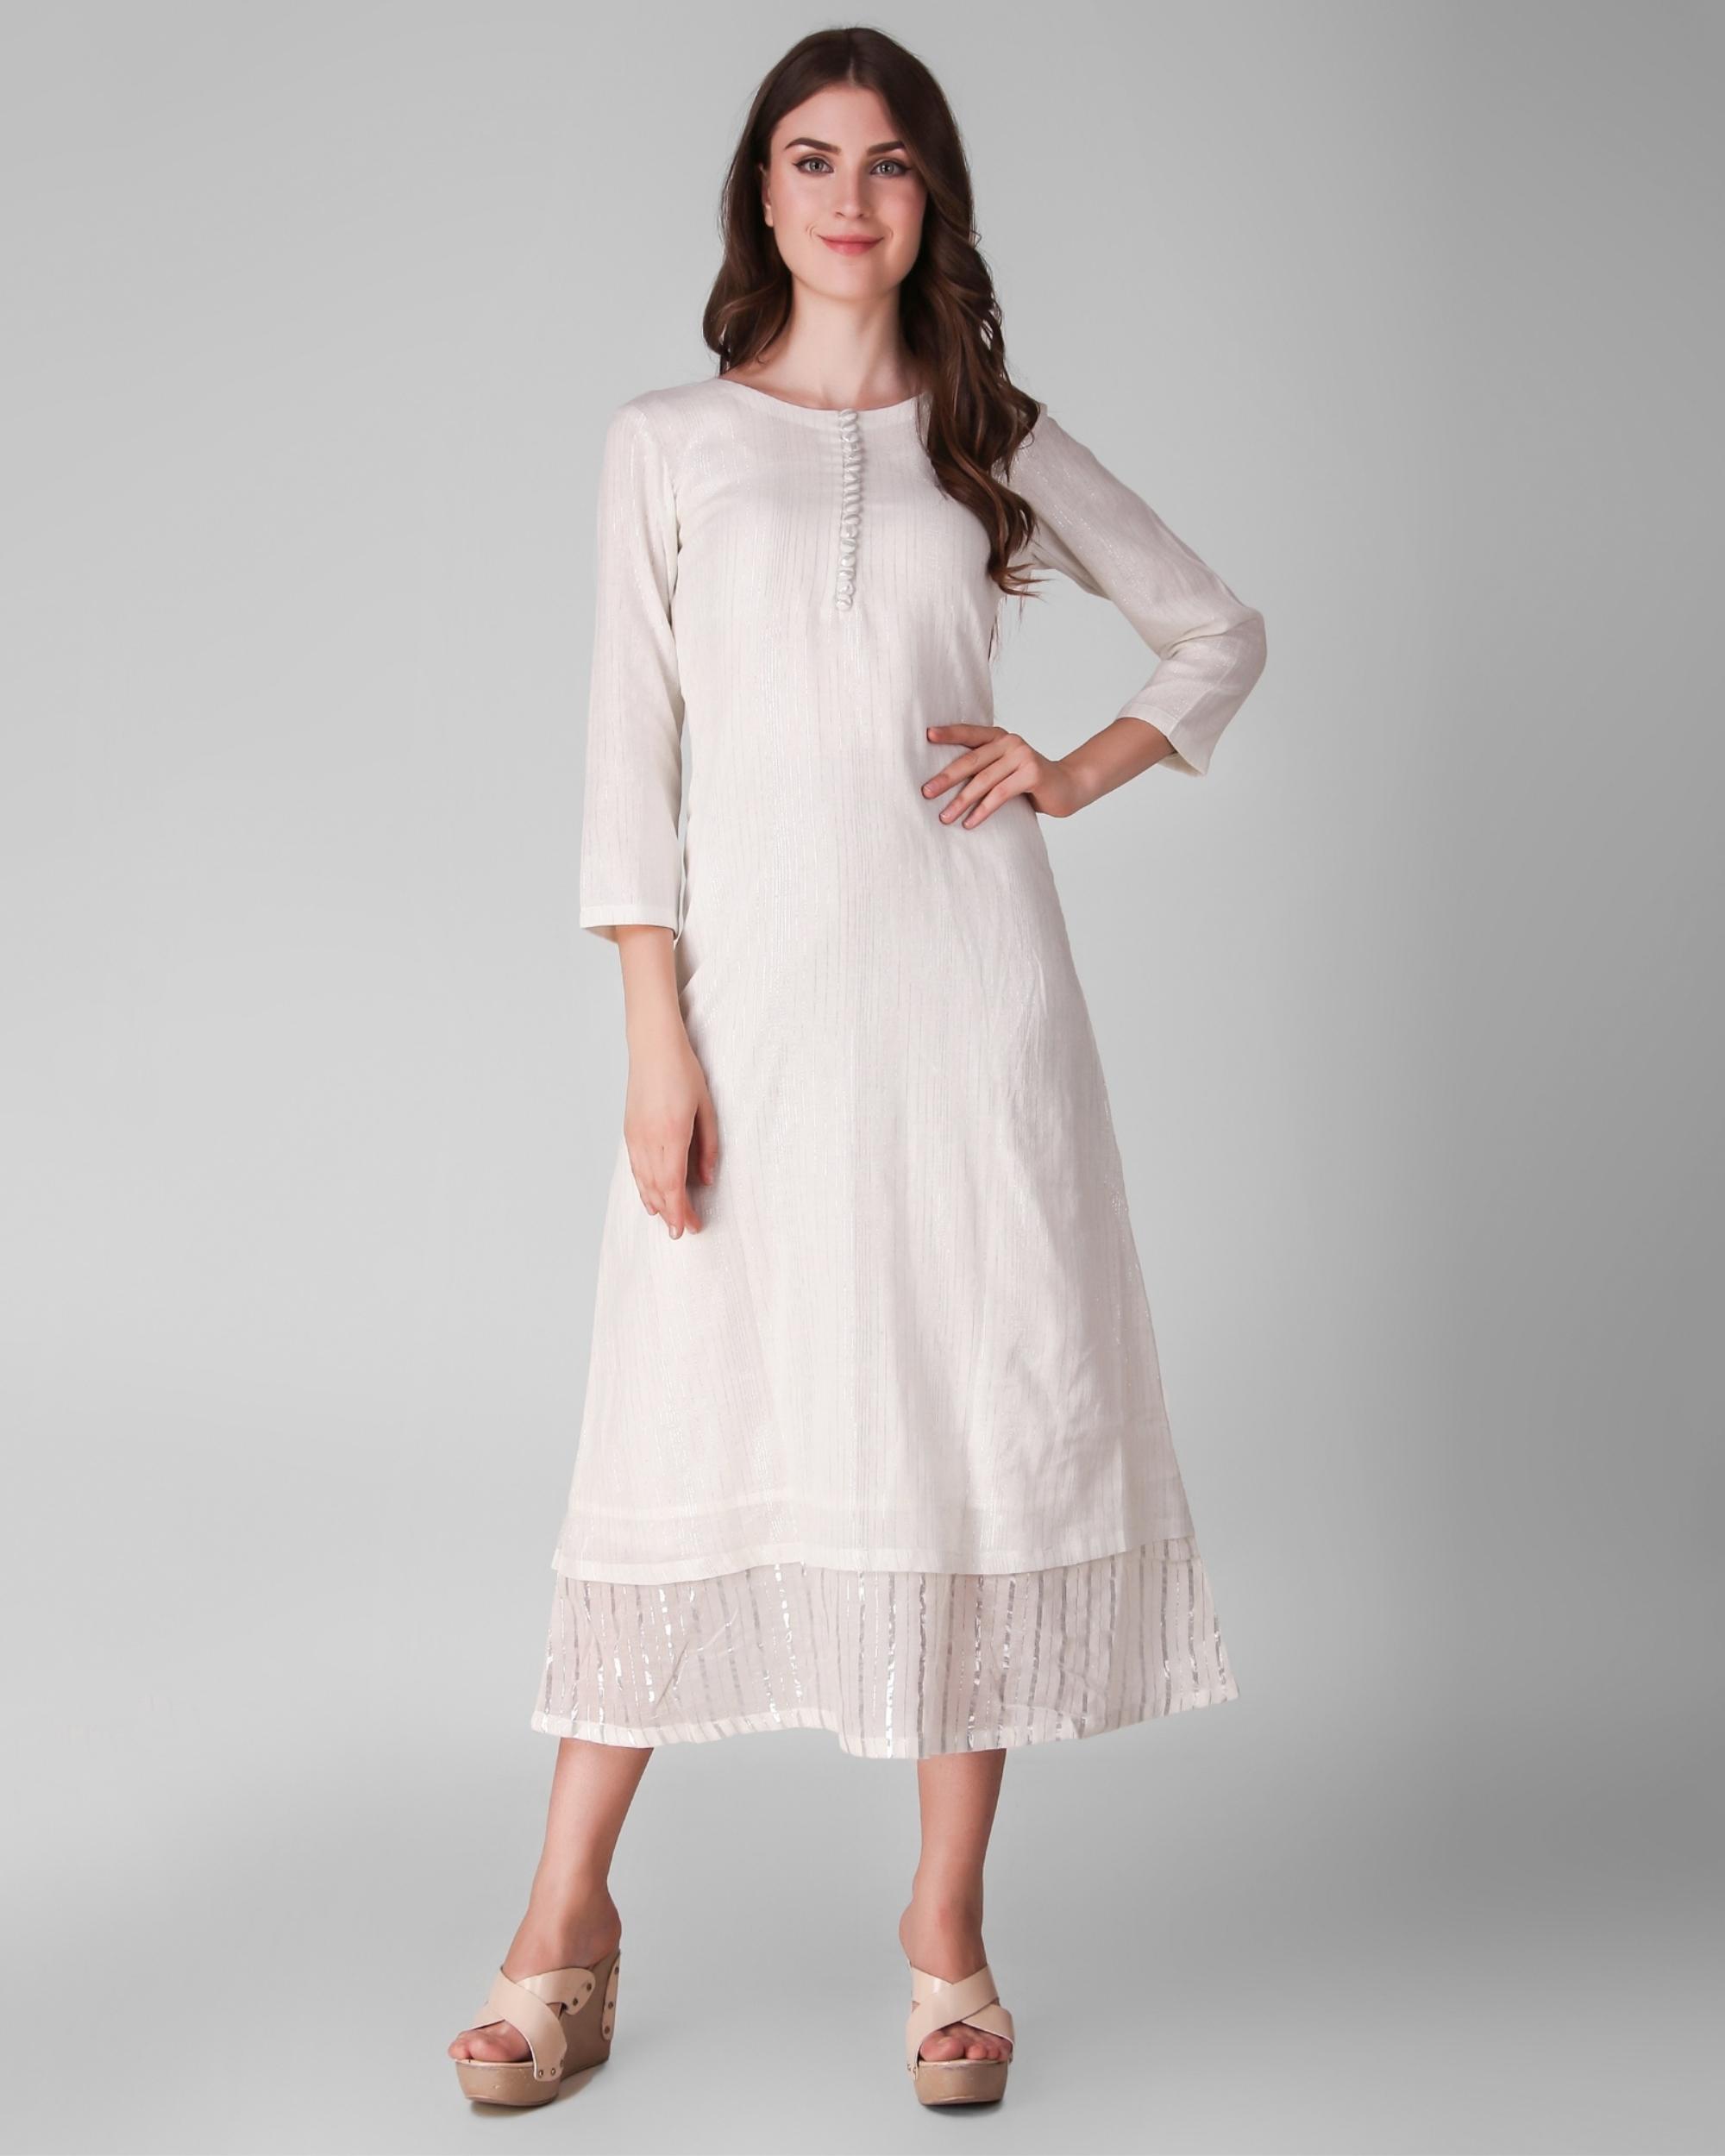 Ivory cotton lurex layered dress